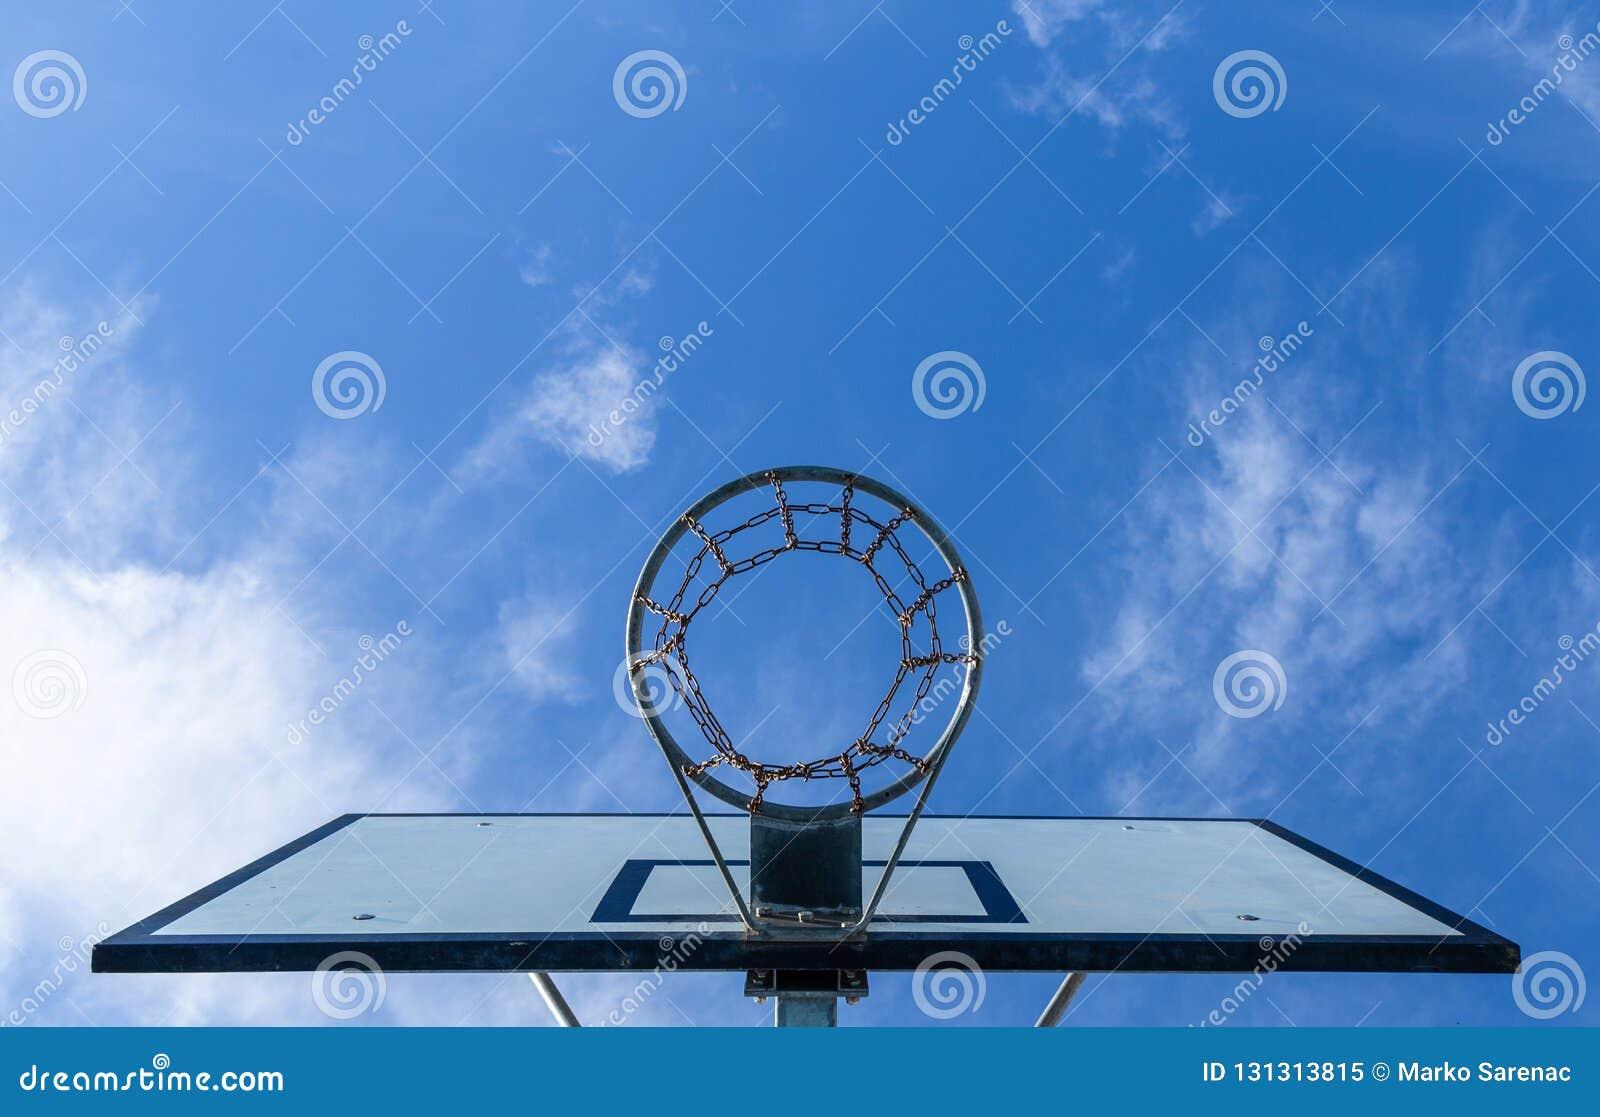 Basket sport boaen förtjänar